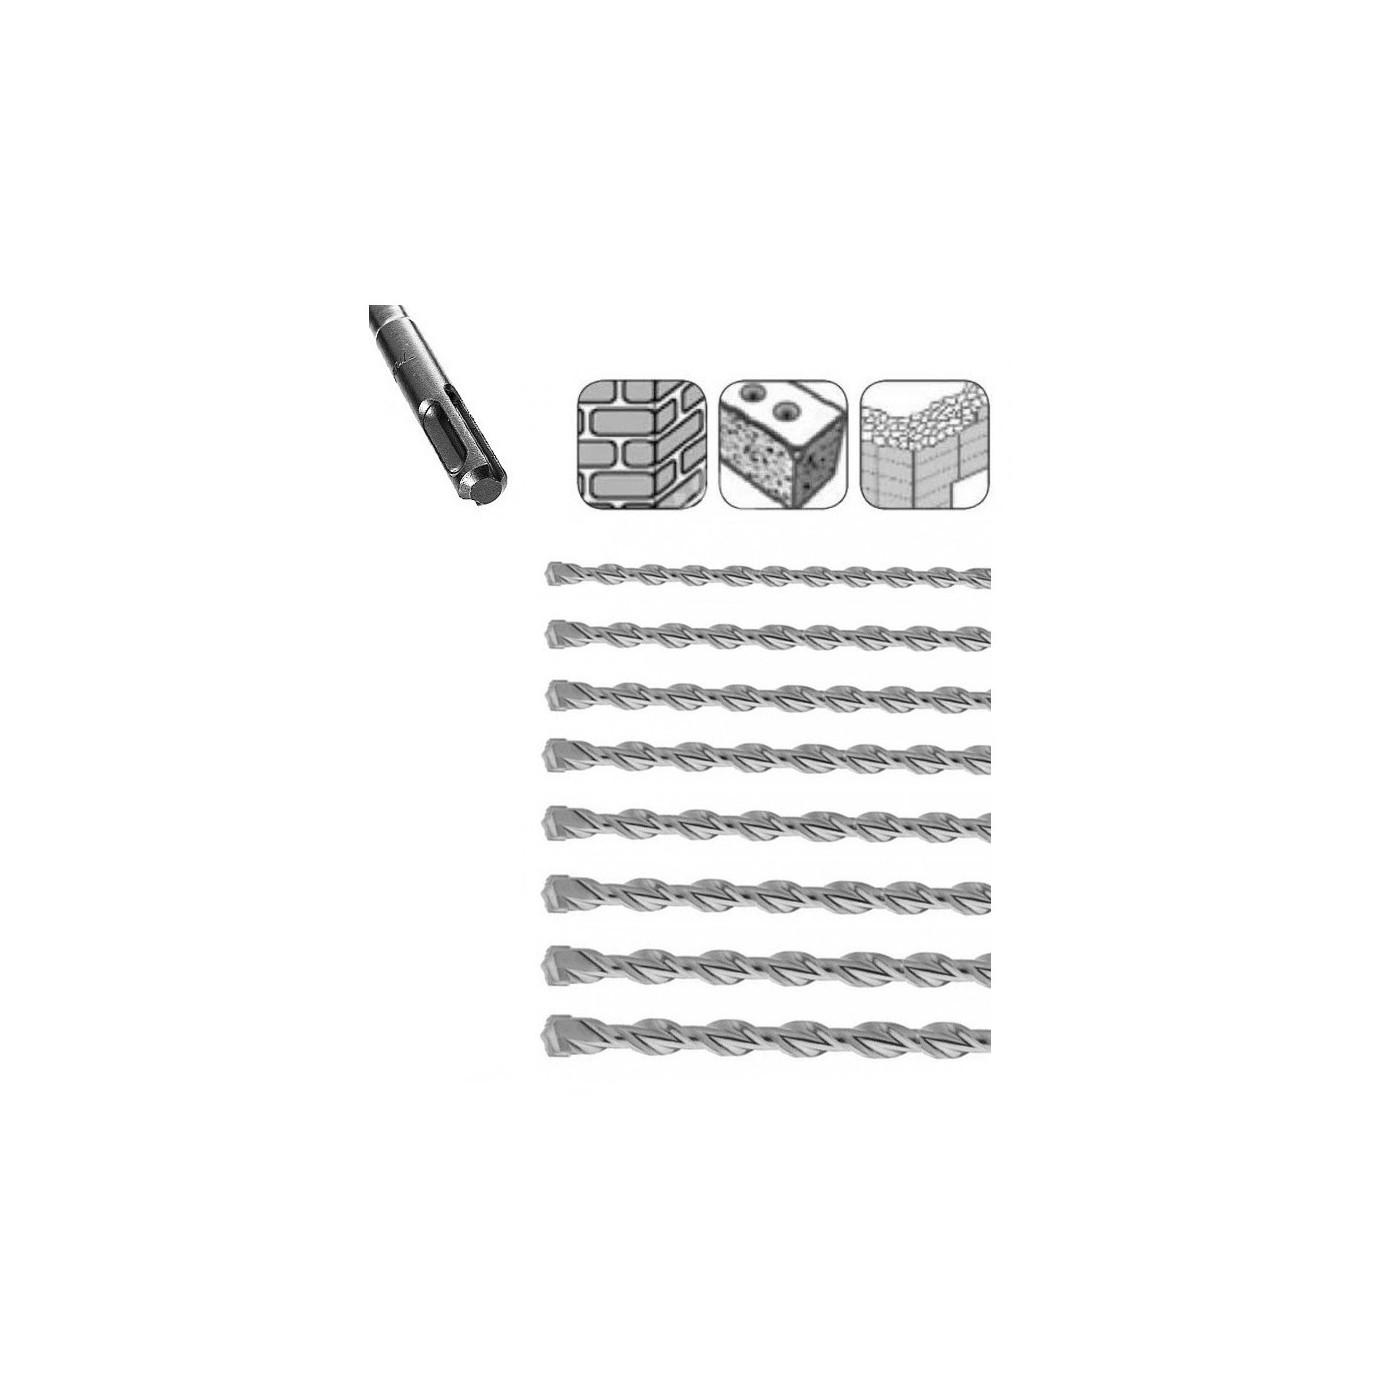 Set extra lange SDS-plus betonboren (8 stuks)